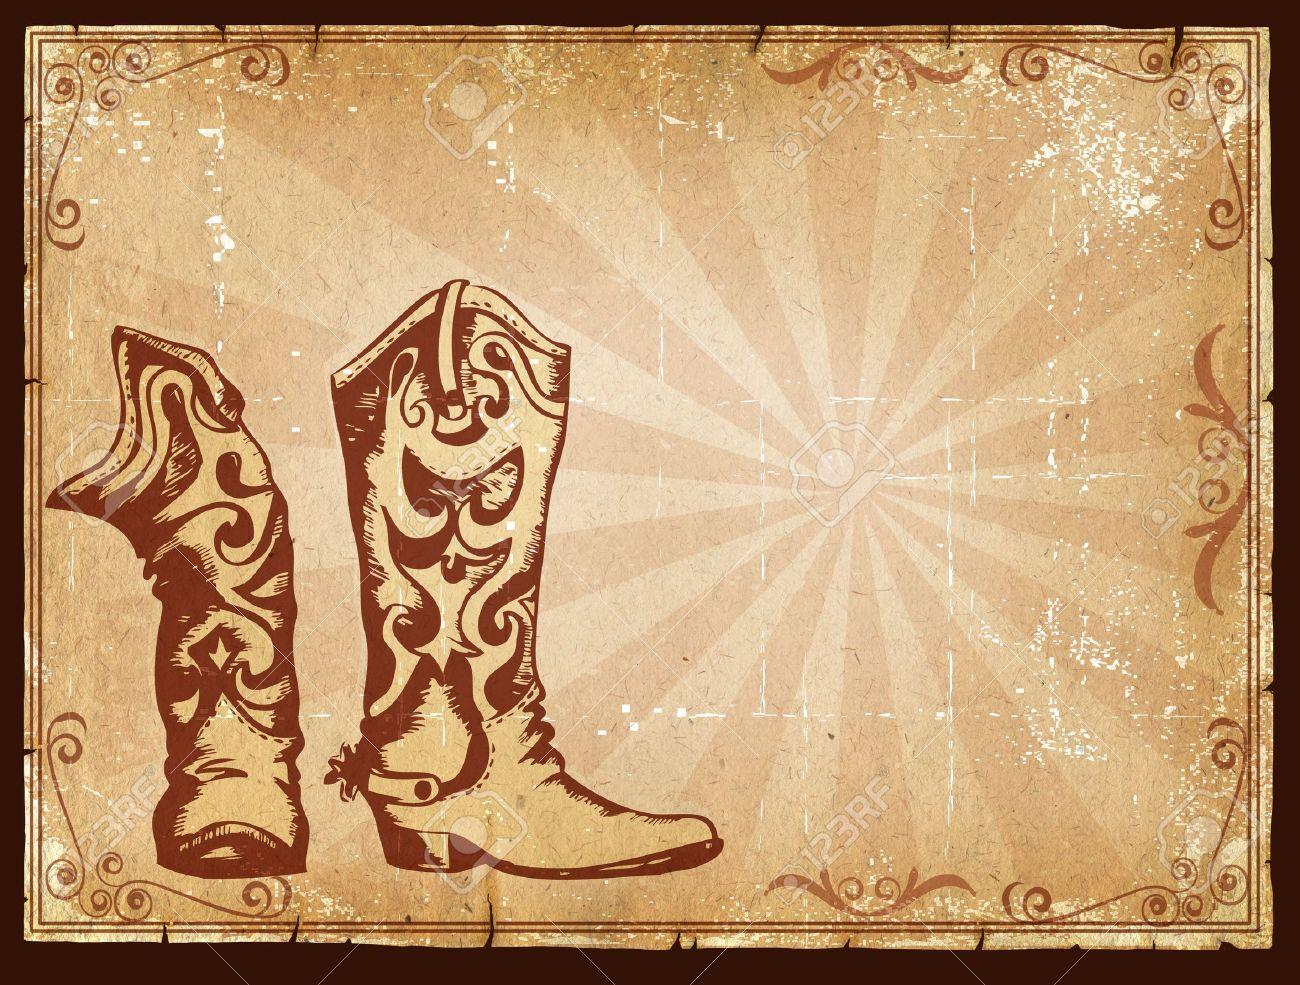 Cowboy-alte Papierhintergrund Für Text Mit Dekor-Rahmen.Retro Bild ...